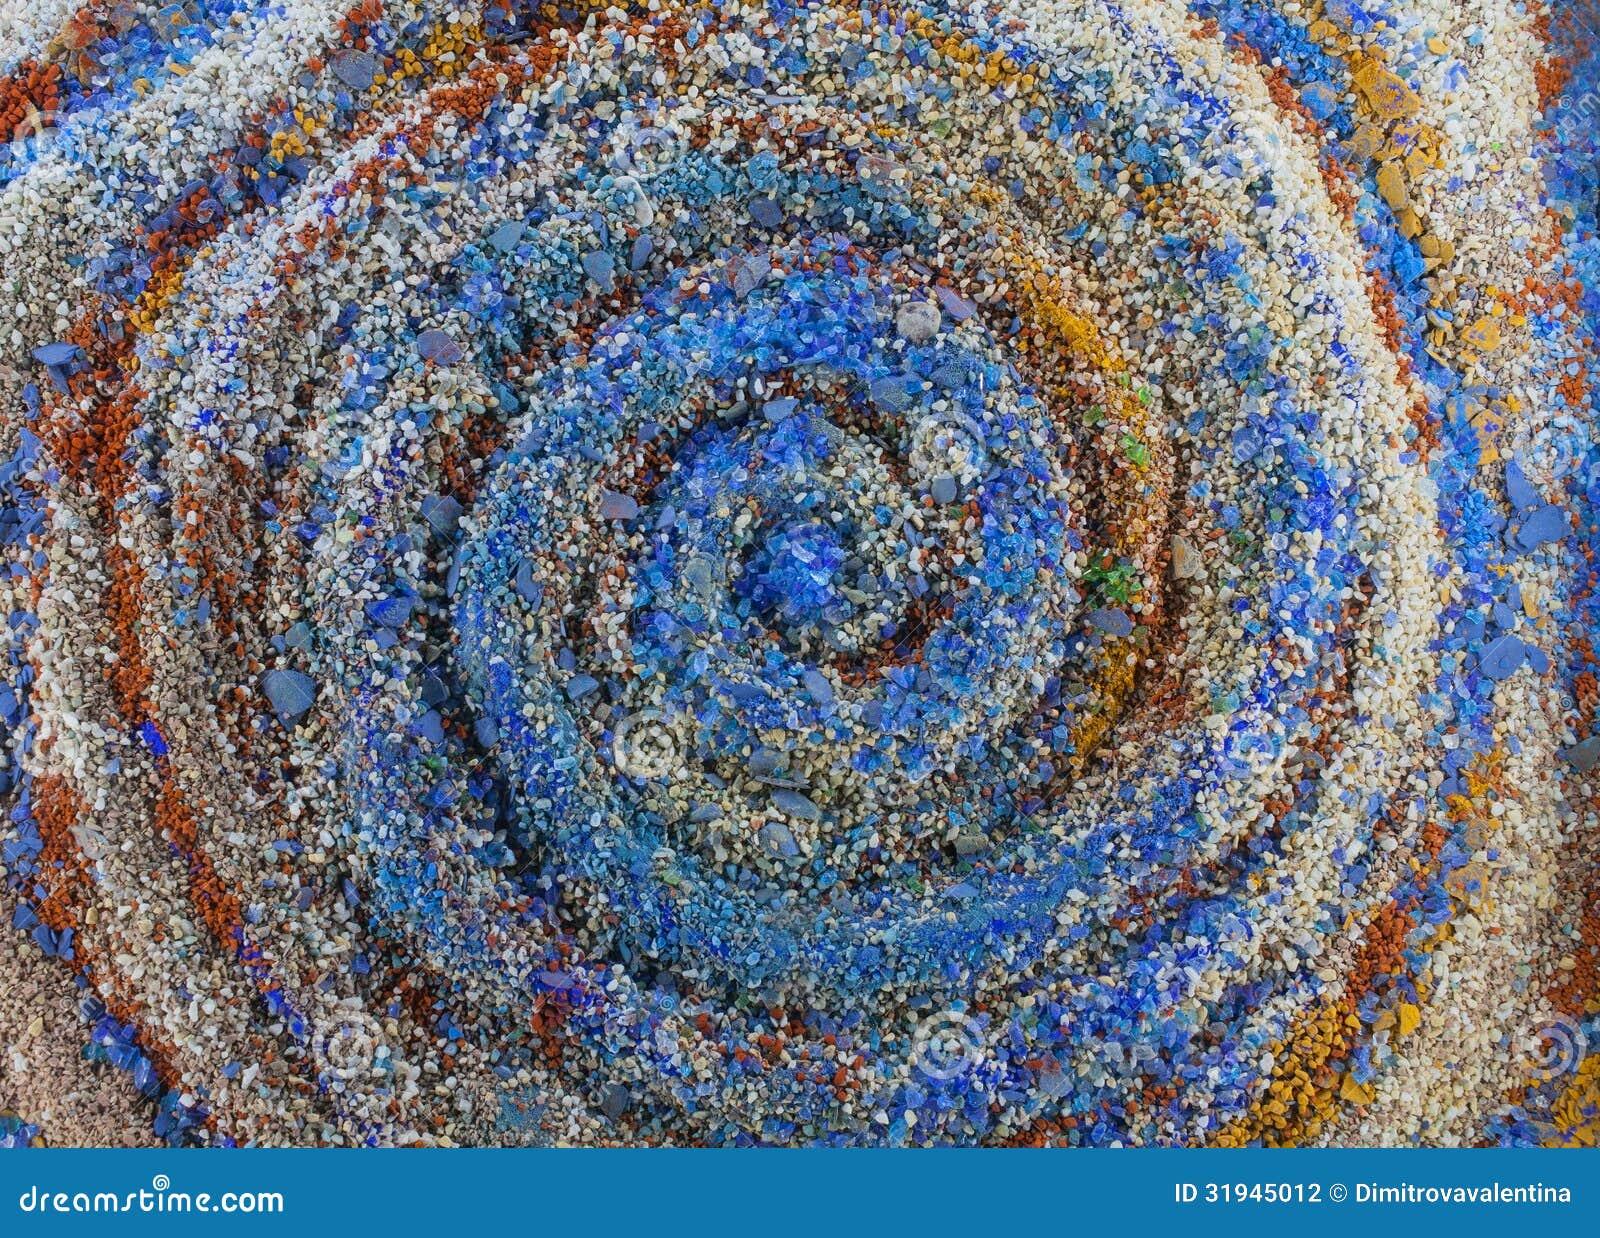 sable color - Sable Colore